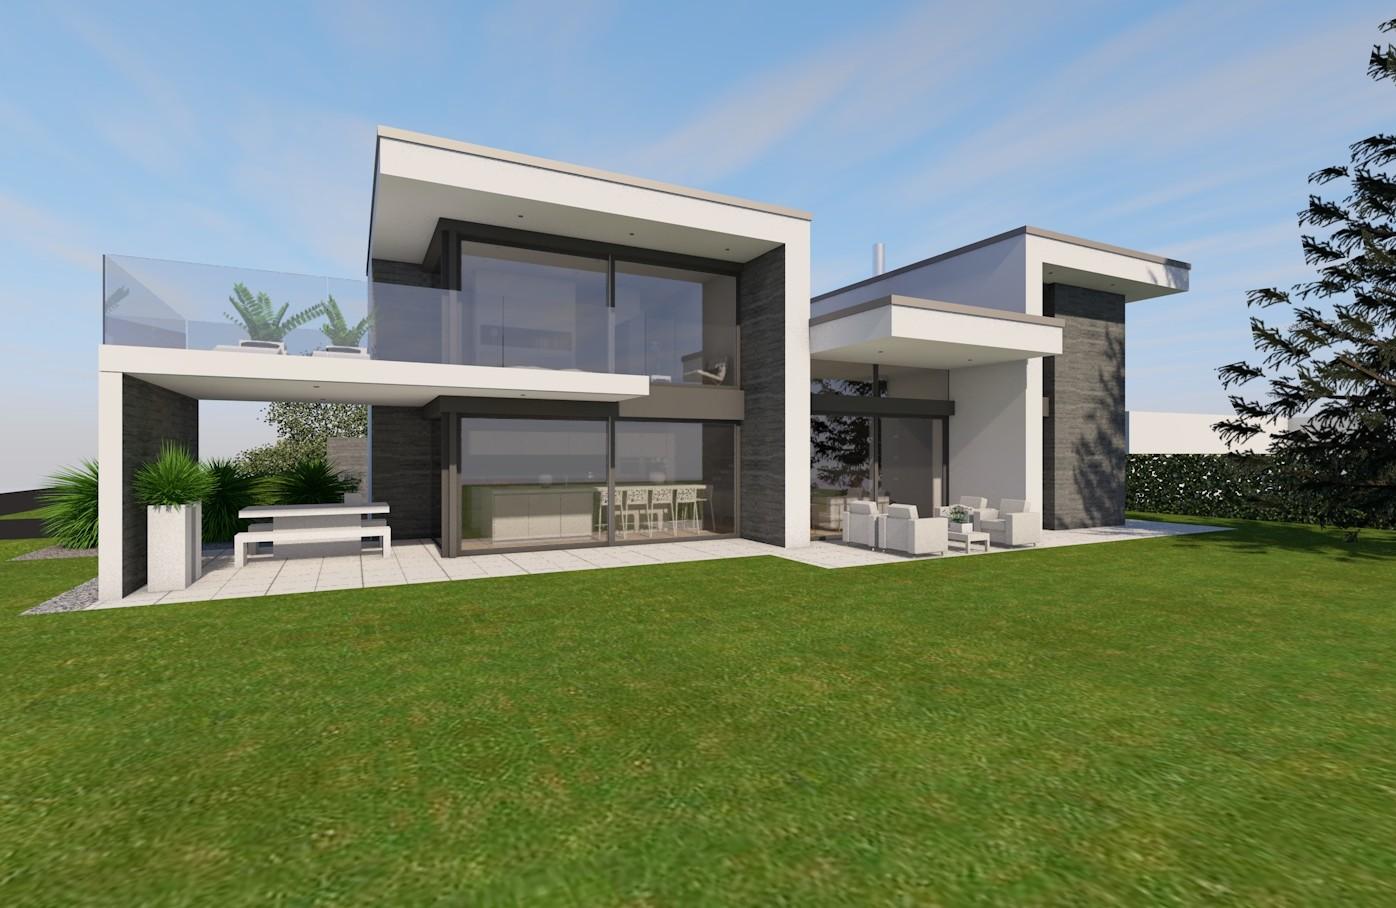 Villa archives tmb partners sa bureau d architecture valais